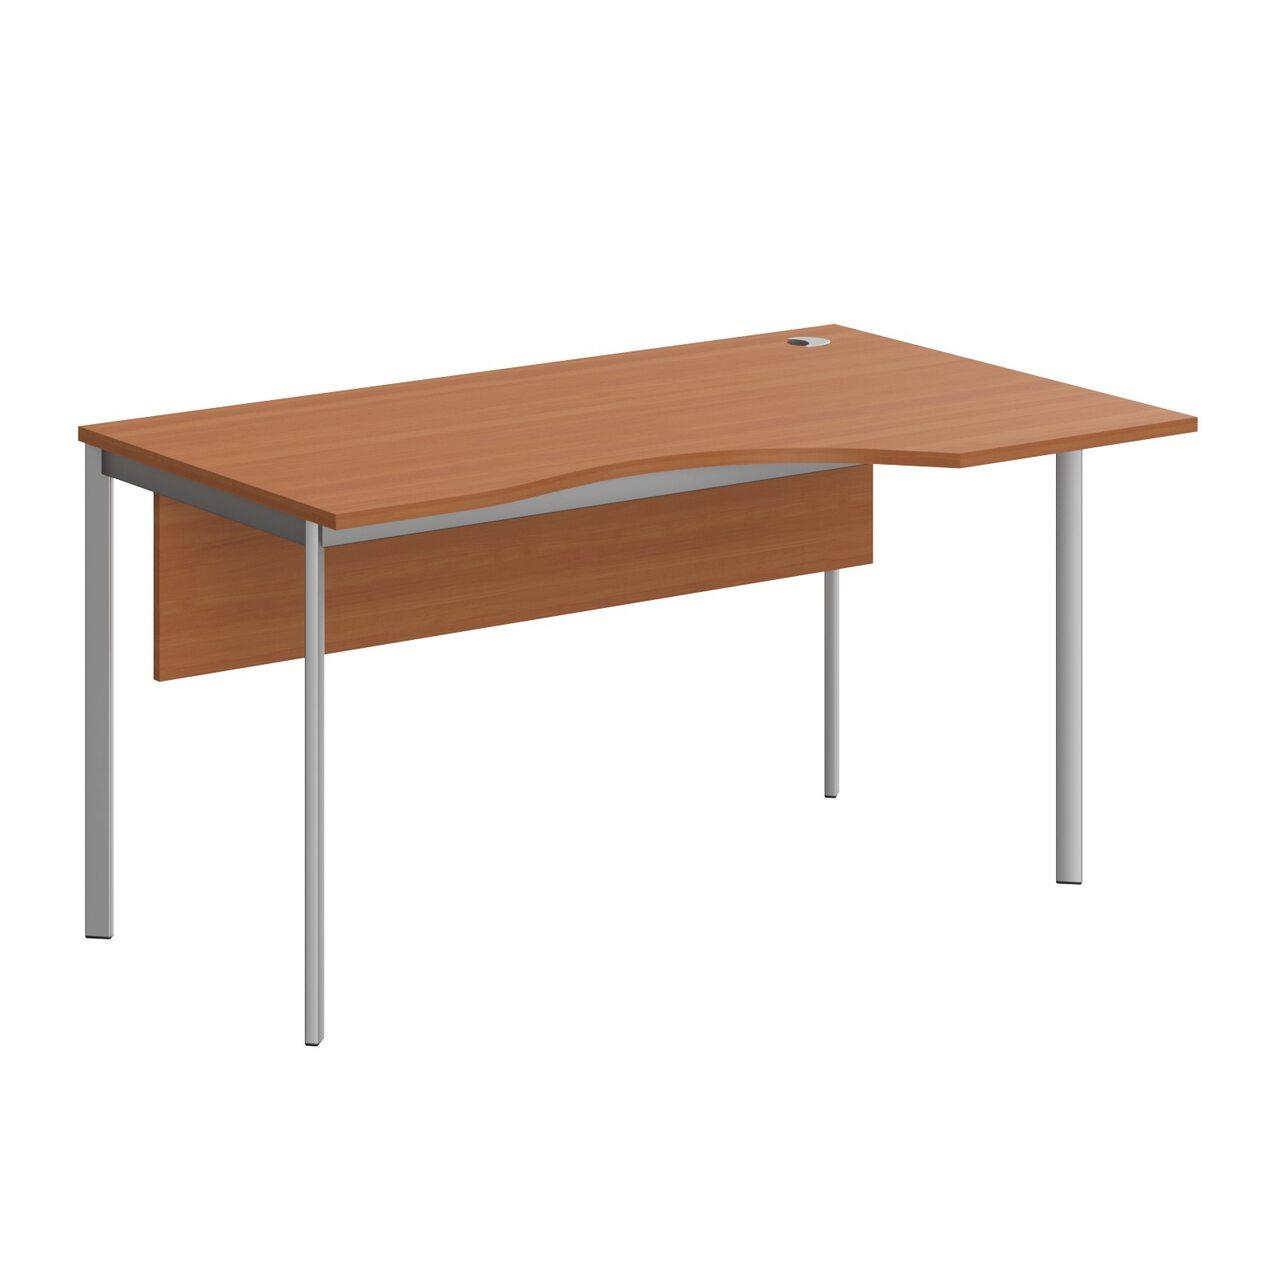 Стол эргономичный с фронтальной панелью  IMAGO-S 90x140x76 - фото 6